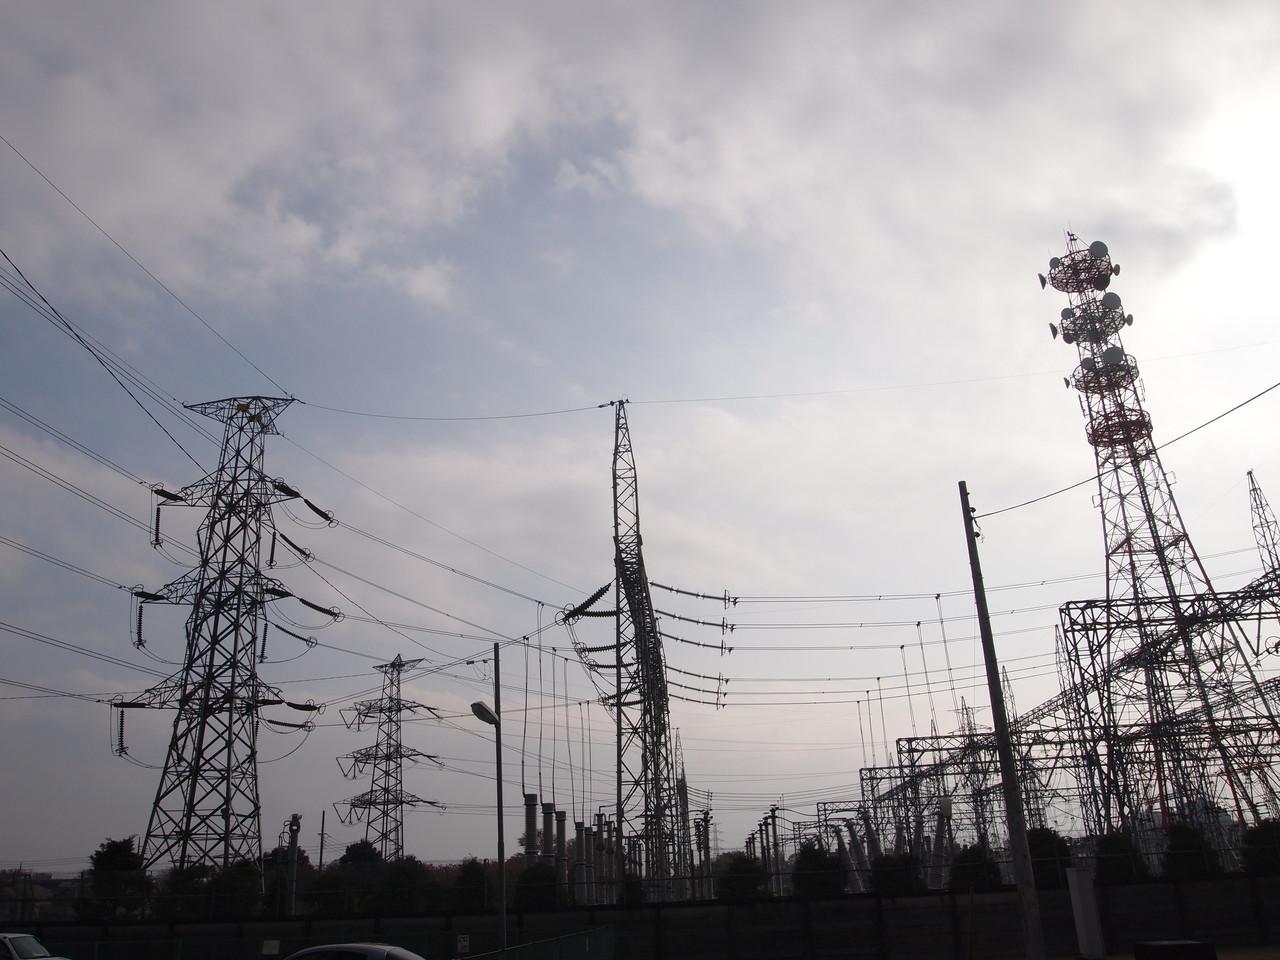 多摩変電所に出入りする只見幹線。512-4号と513号。2014年11月撮影。 #鉄塔